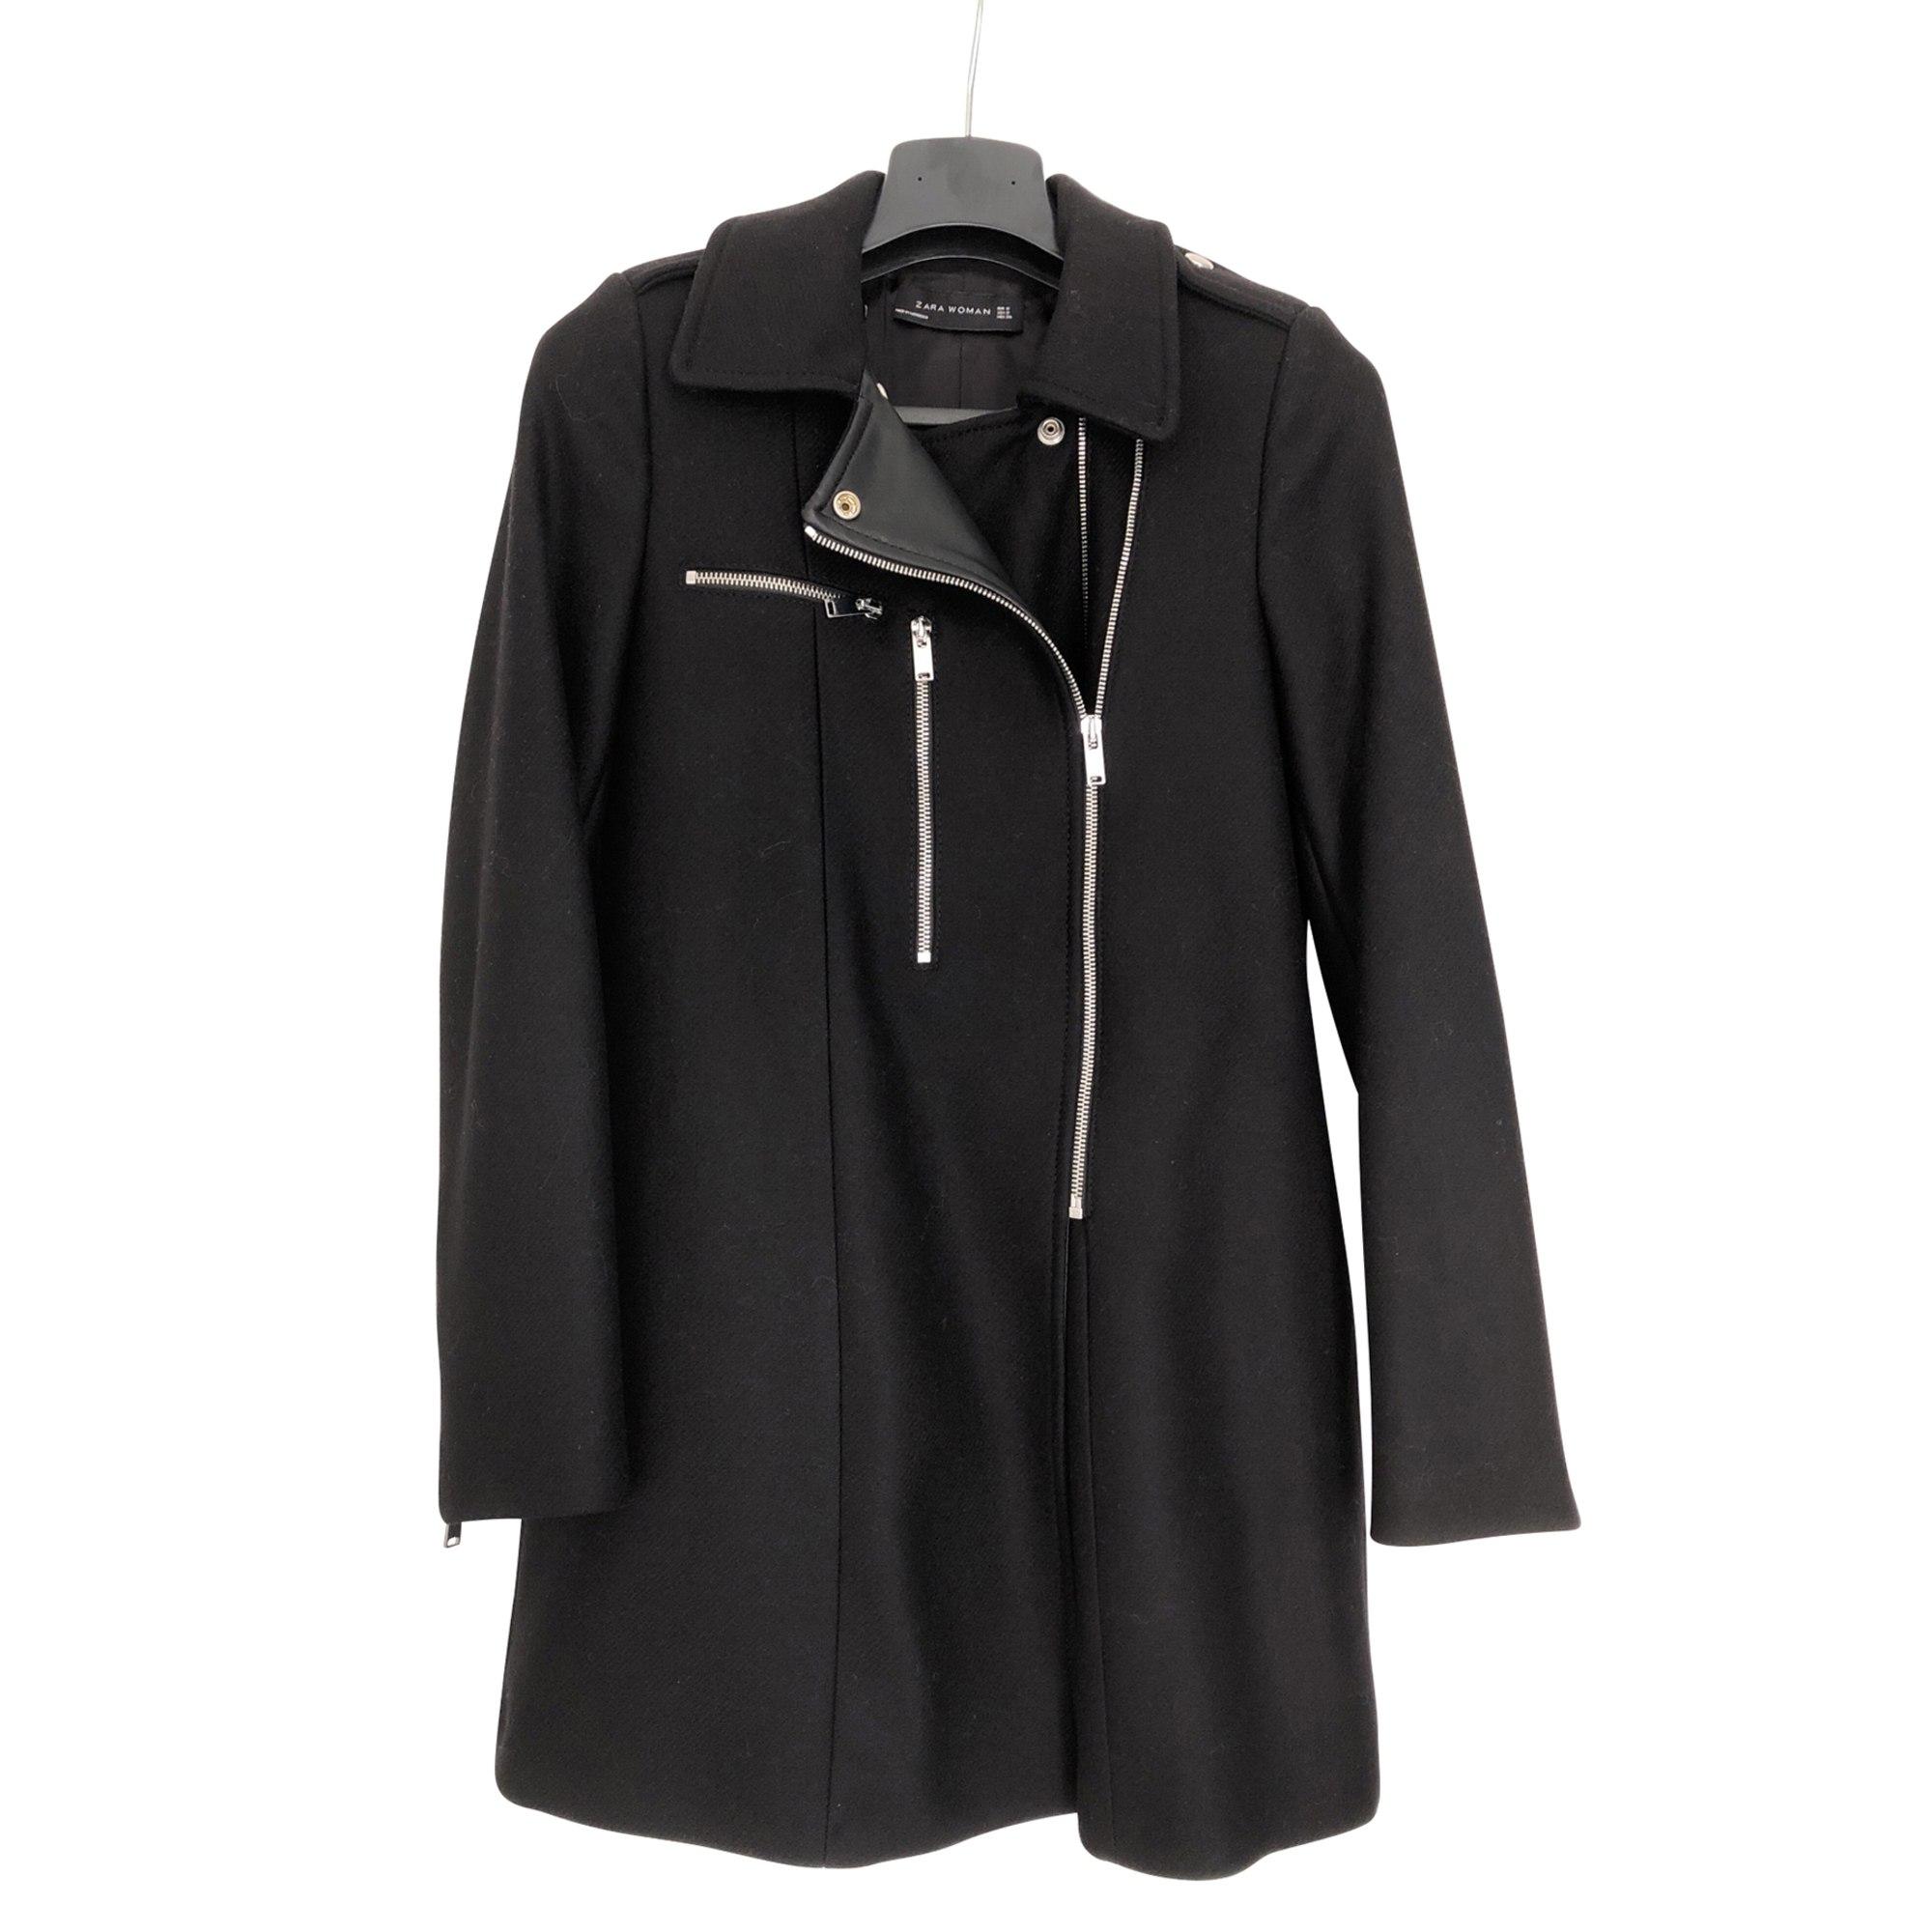 Manteaux et vestes Zara en laine Taille 36 pour femme